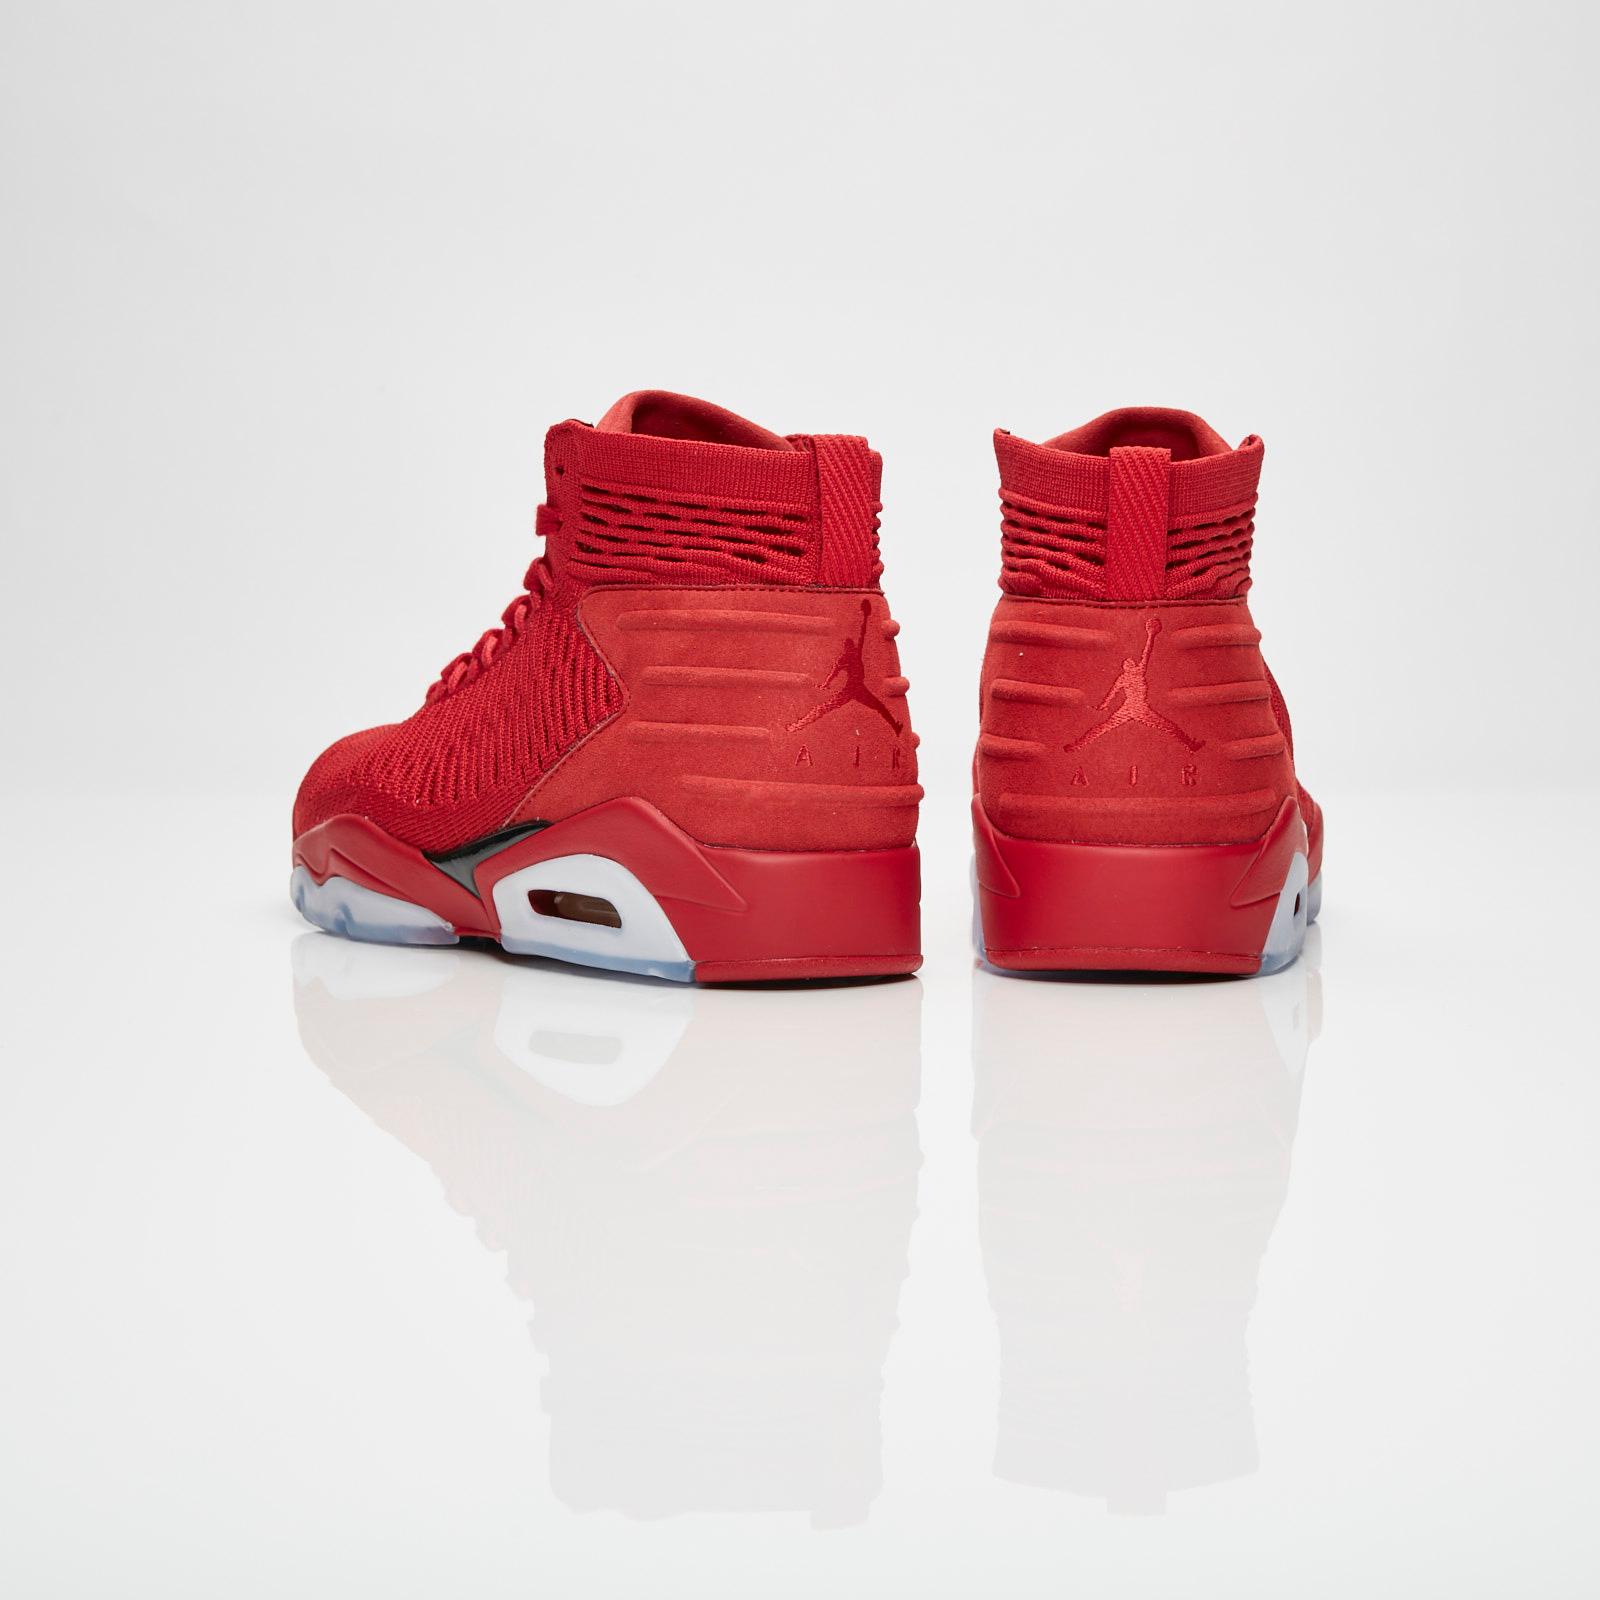 eae7453e642 Jordan Brand Flyknit Elevation 23 - Aj8207-601 - Sneakersnstuff ...